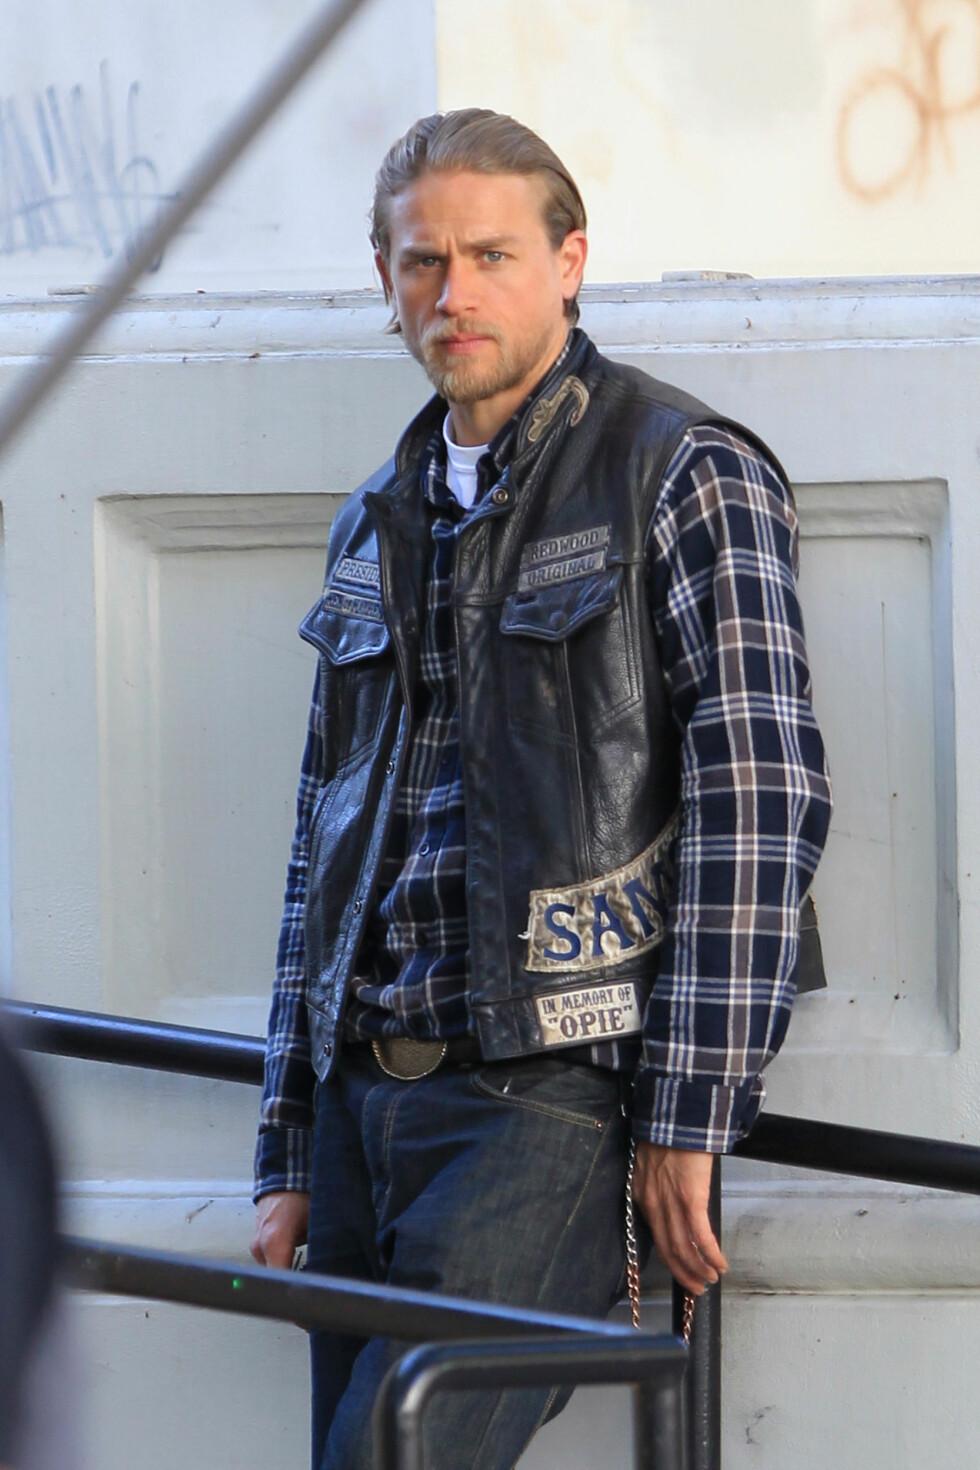 TRAKK SEG: Charlie Hunnam spiller Jax Teller i Sons of Anarchy og skulle egentlig hatt rollen som Christian Grey.  Foto: Miguel Aguilar, PacificCoastNews